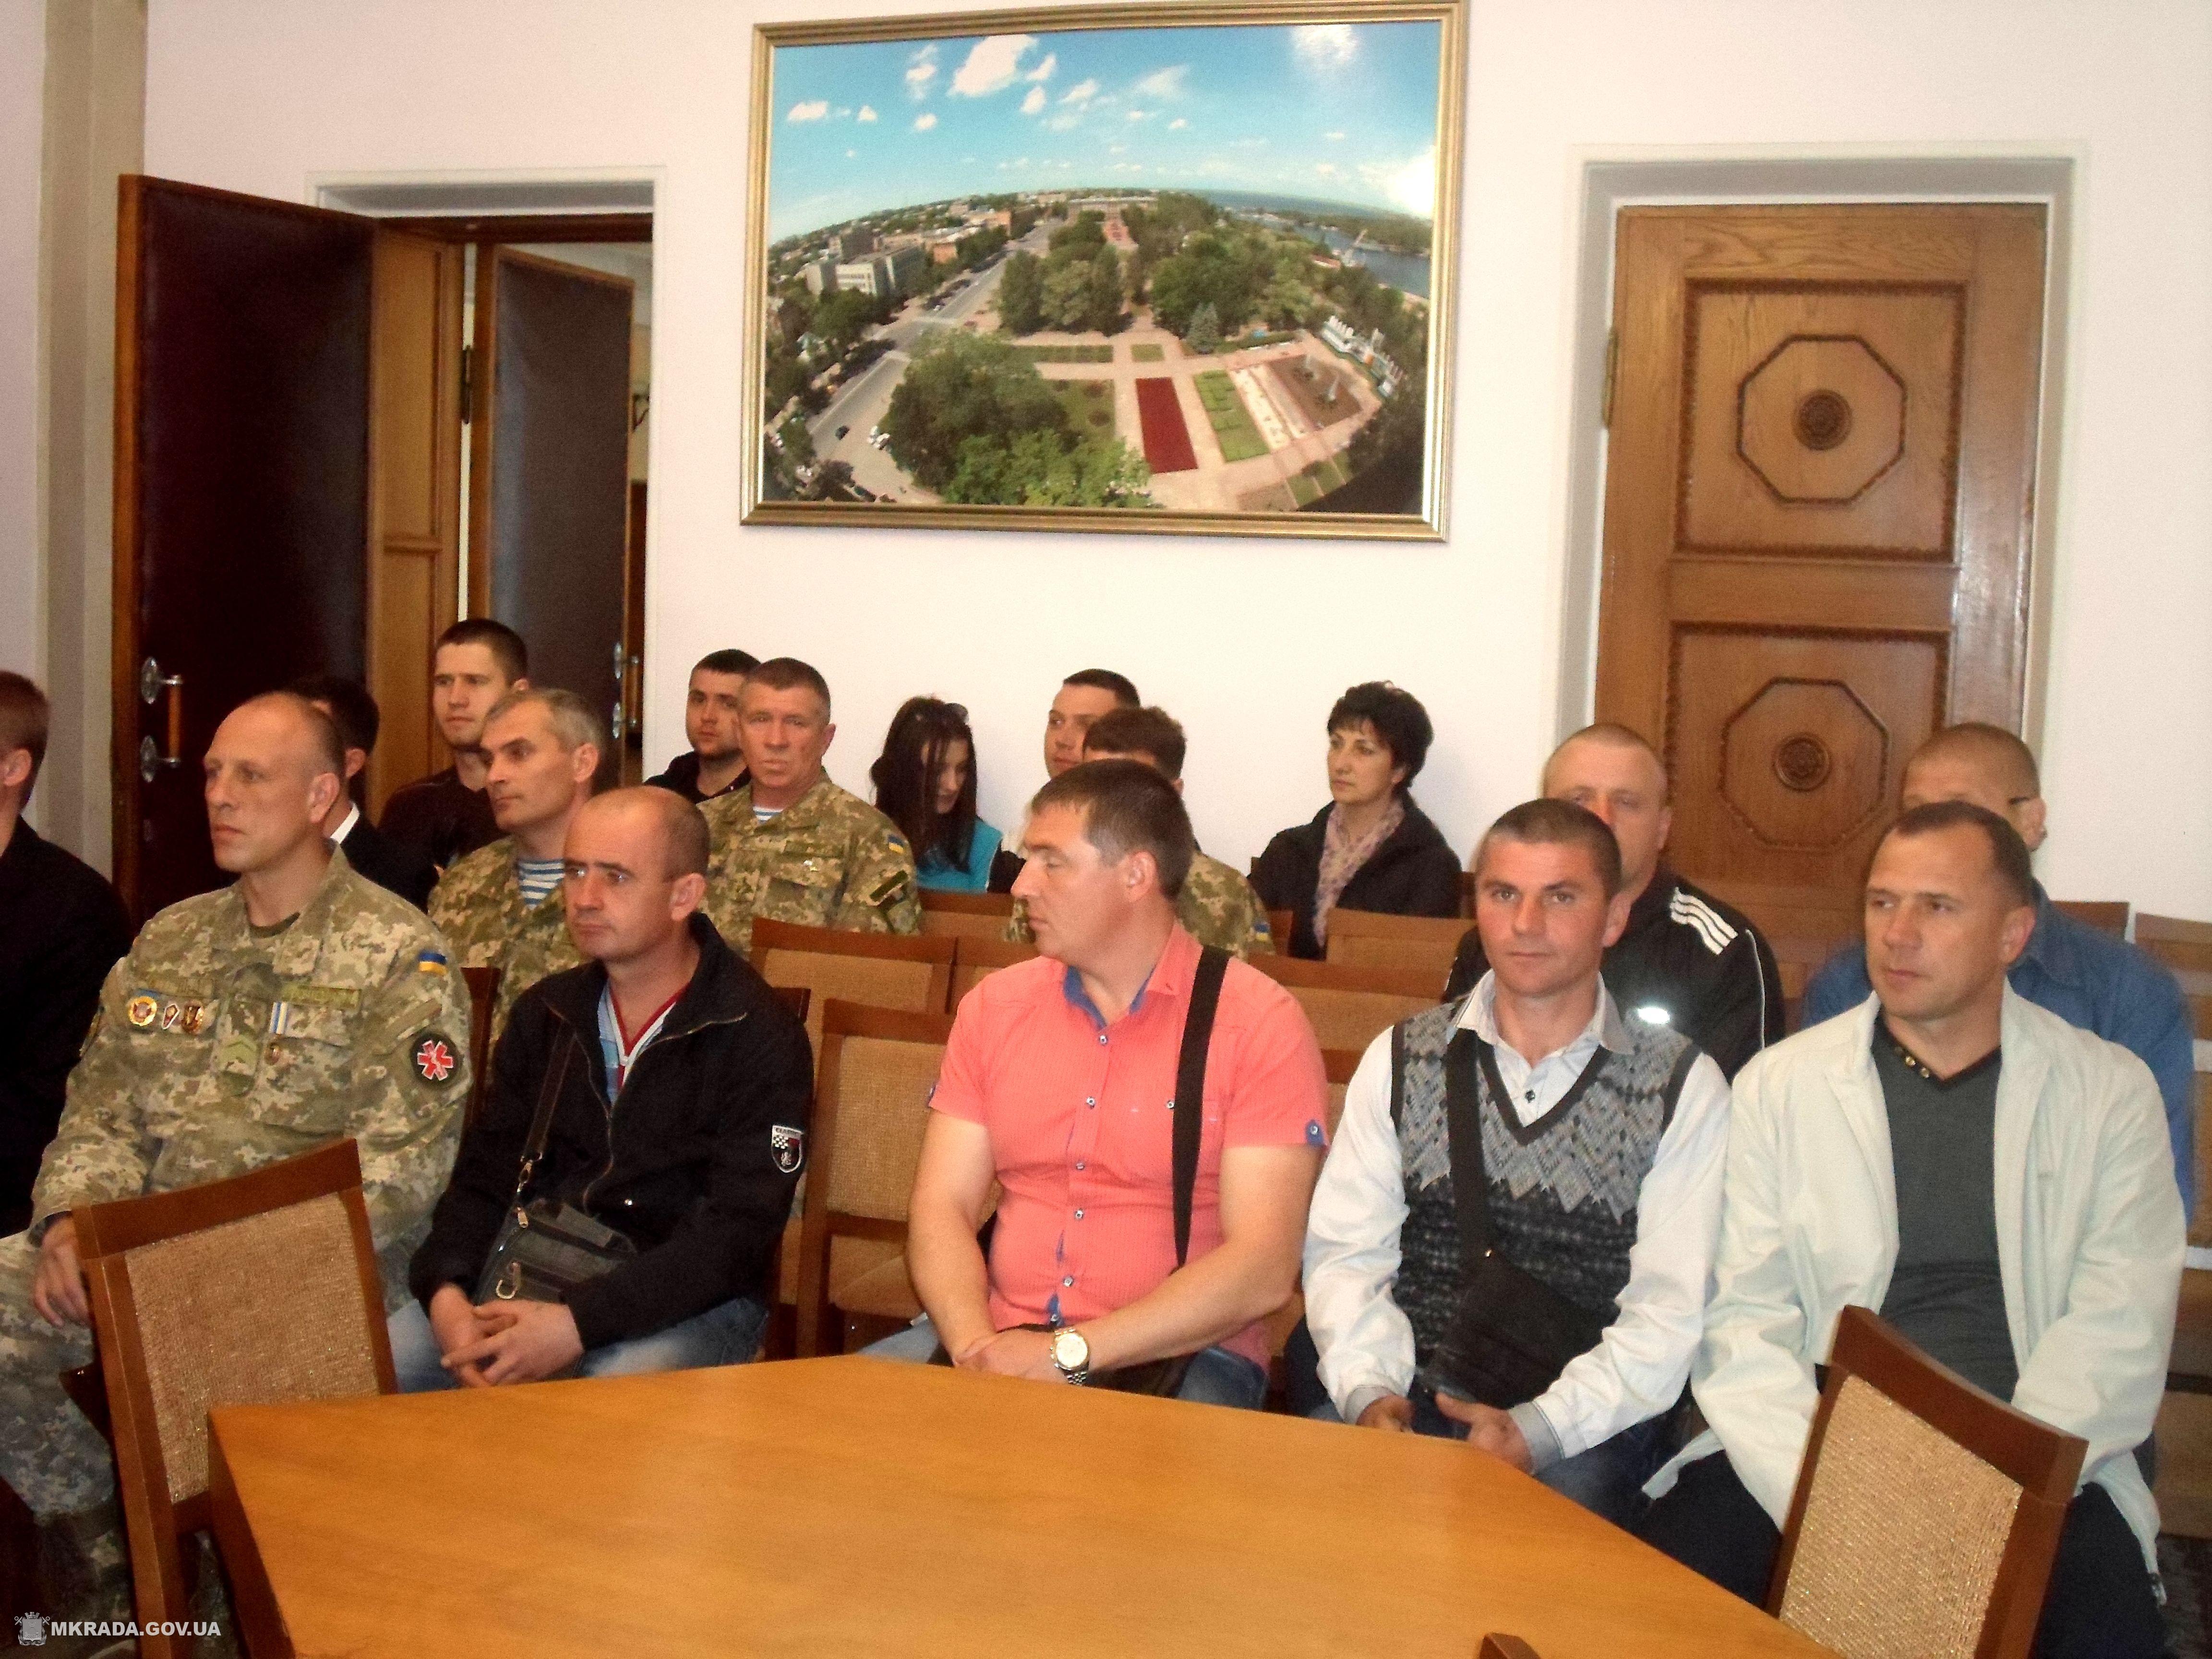 Миколаївські Герої АТО отримали відзнаки начальника Генштабу ЗСУ - фото 1